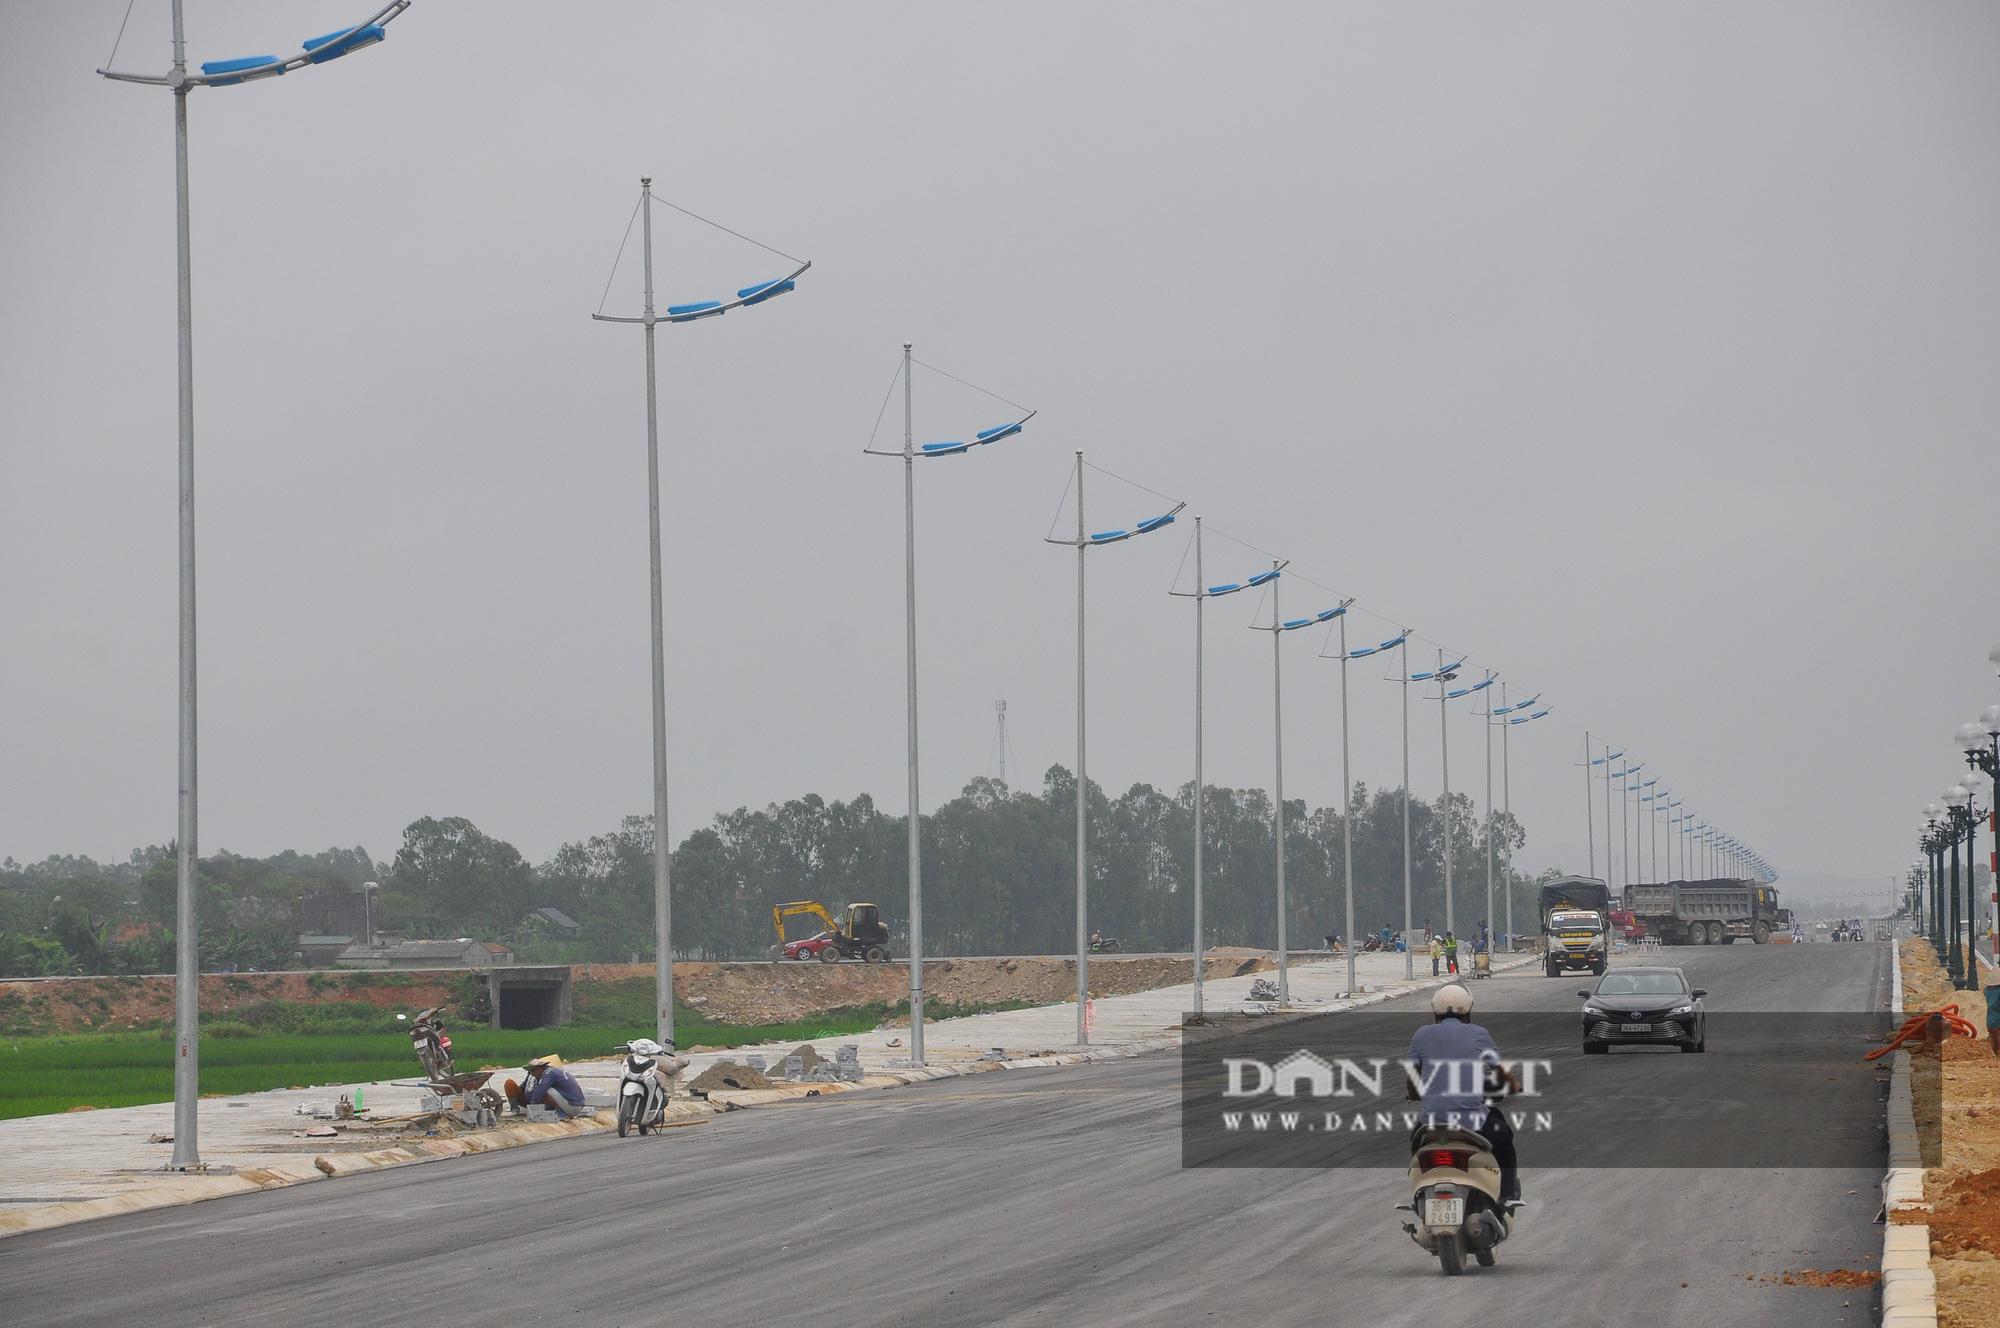 Cận cảnh dự án đường ven biển Nghi Sơn - Sầm Sơn có tổng mức đầu tư hơn 1.479 tỷ đồng trước ngày thông tuyến - Ảnh 4.